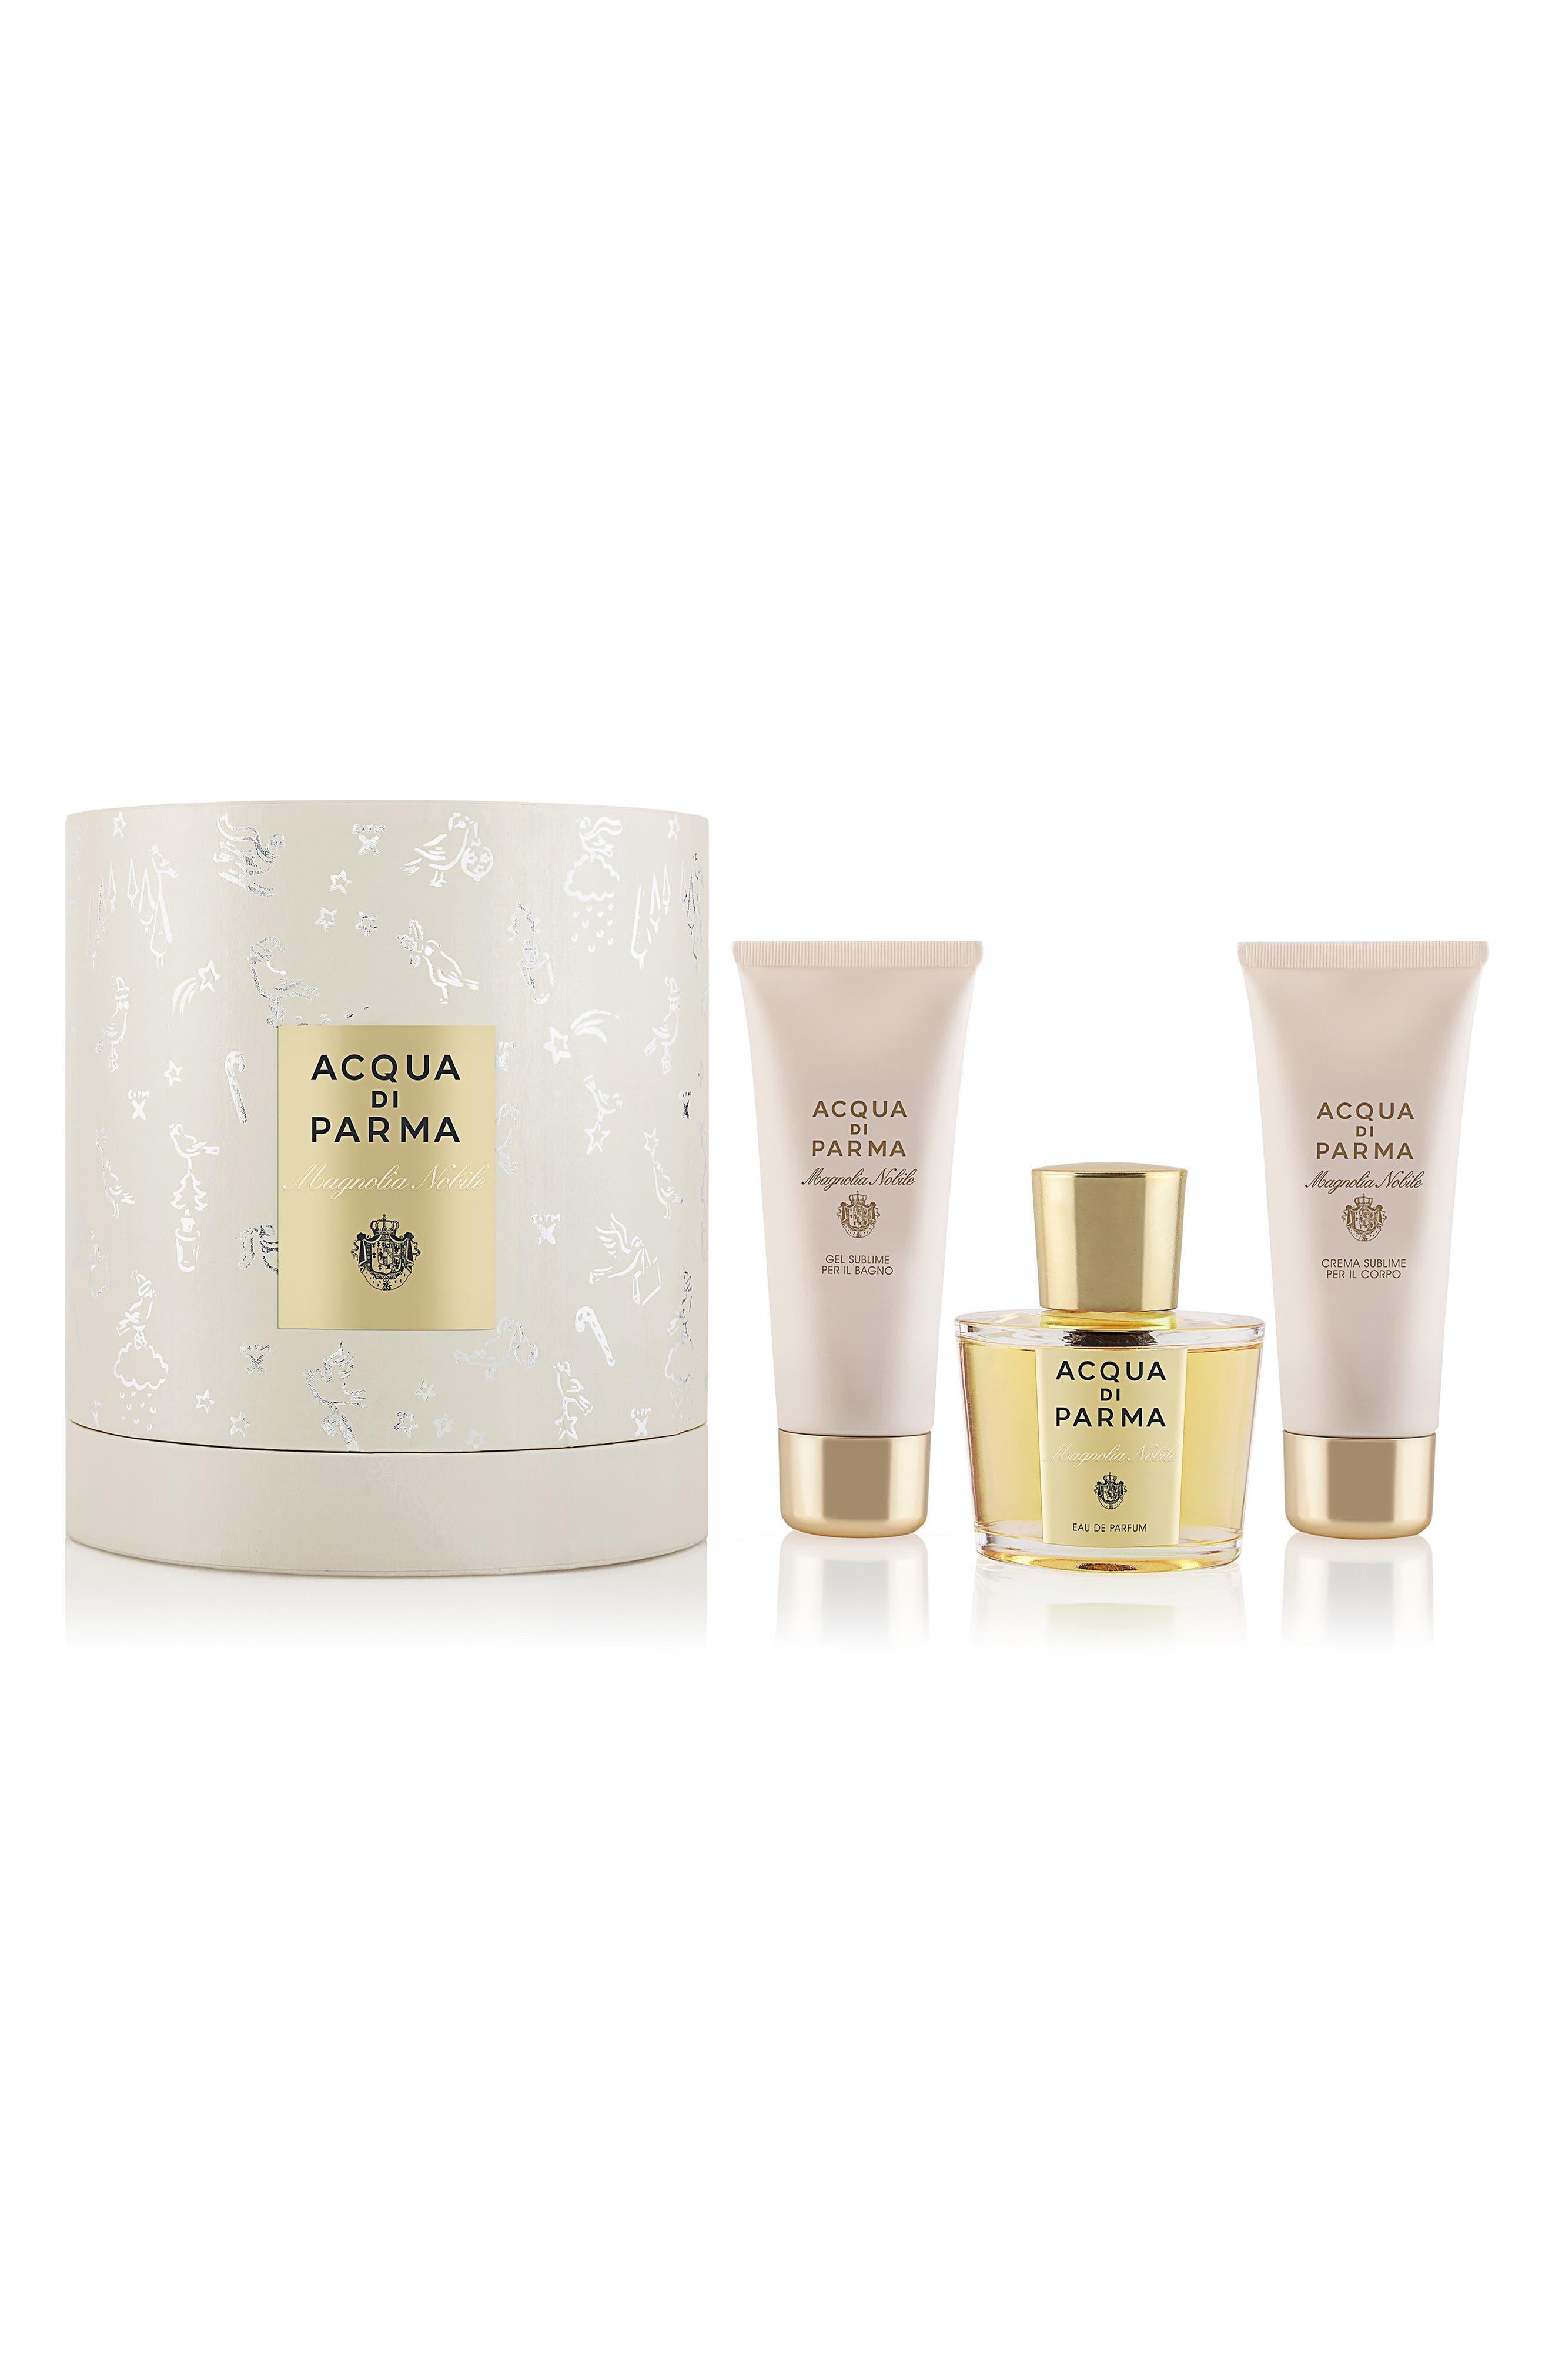 Acqua Di Parma Magnolia Nobile Set ($270 Value)